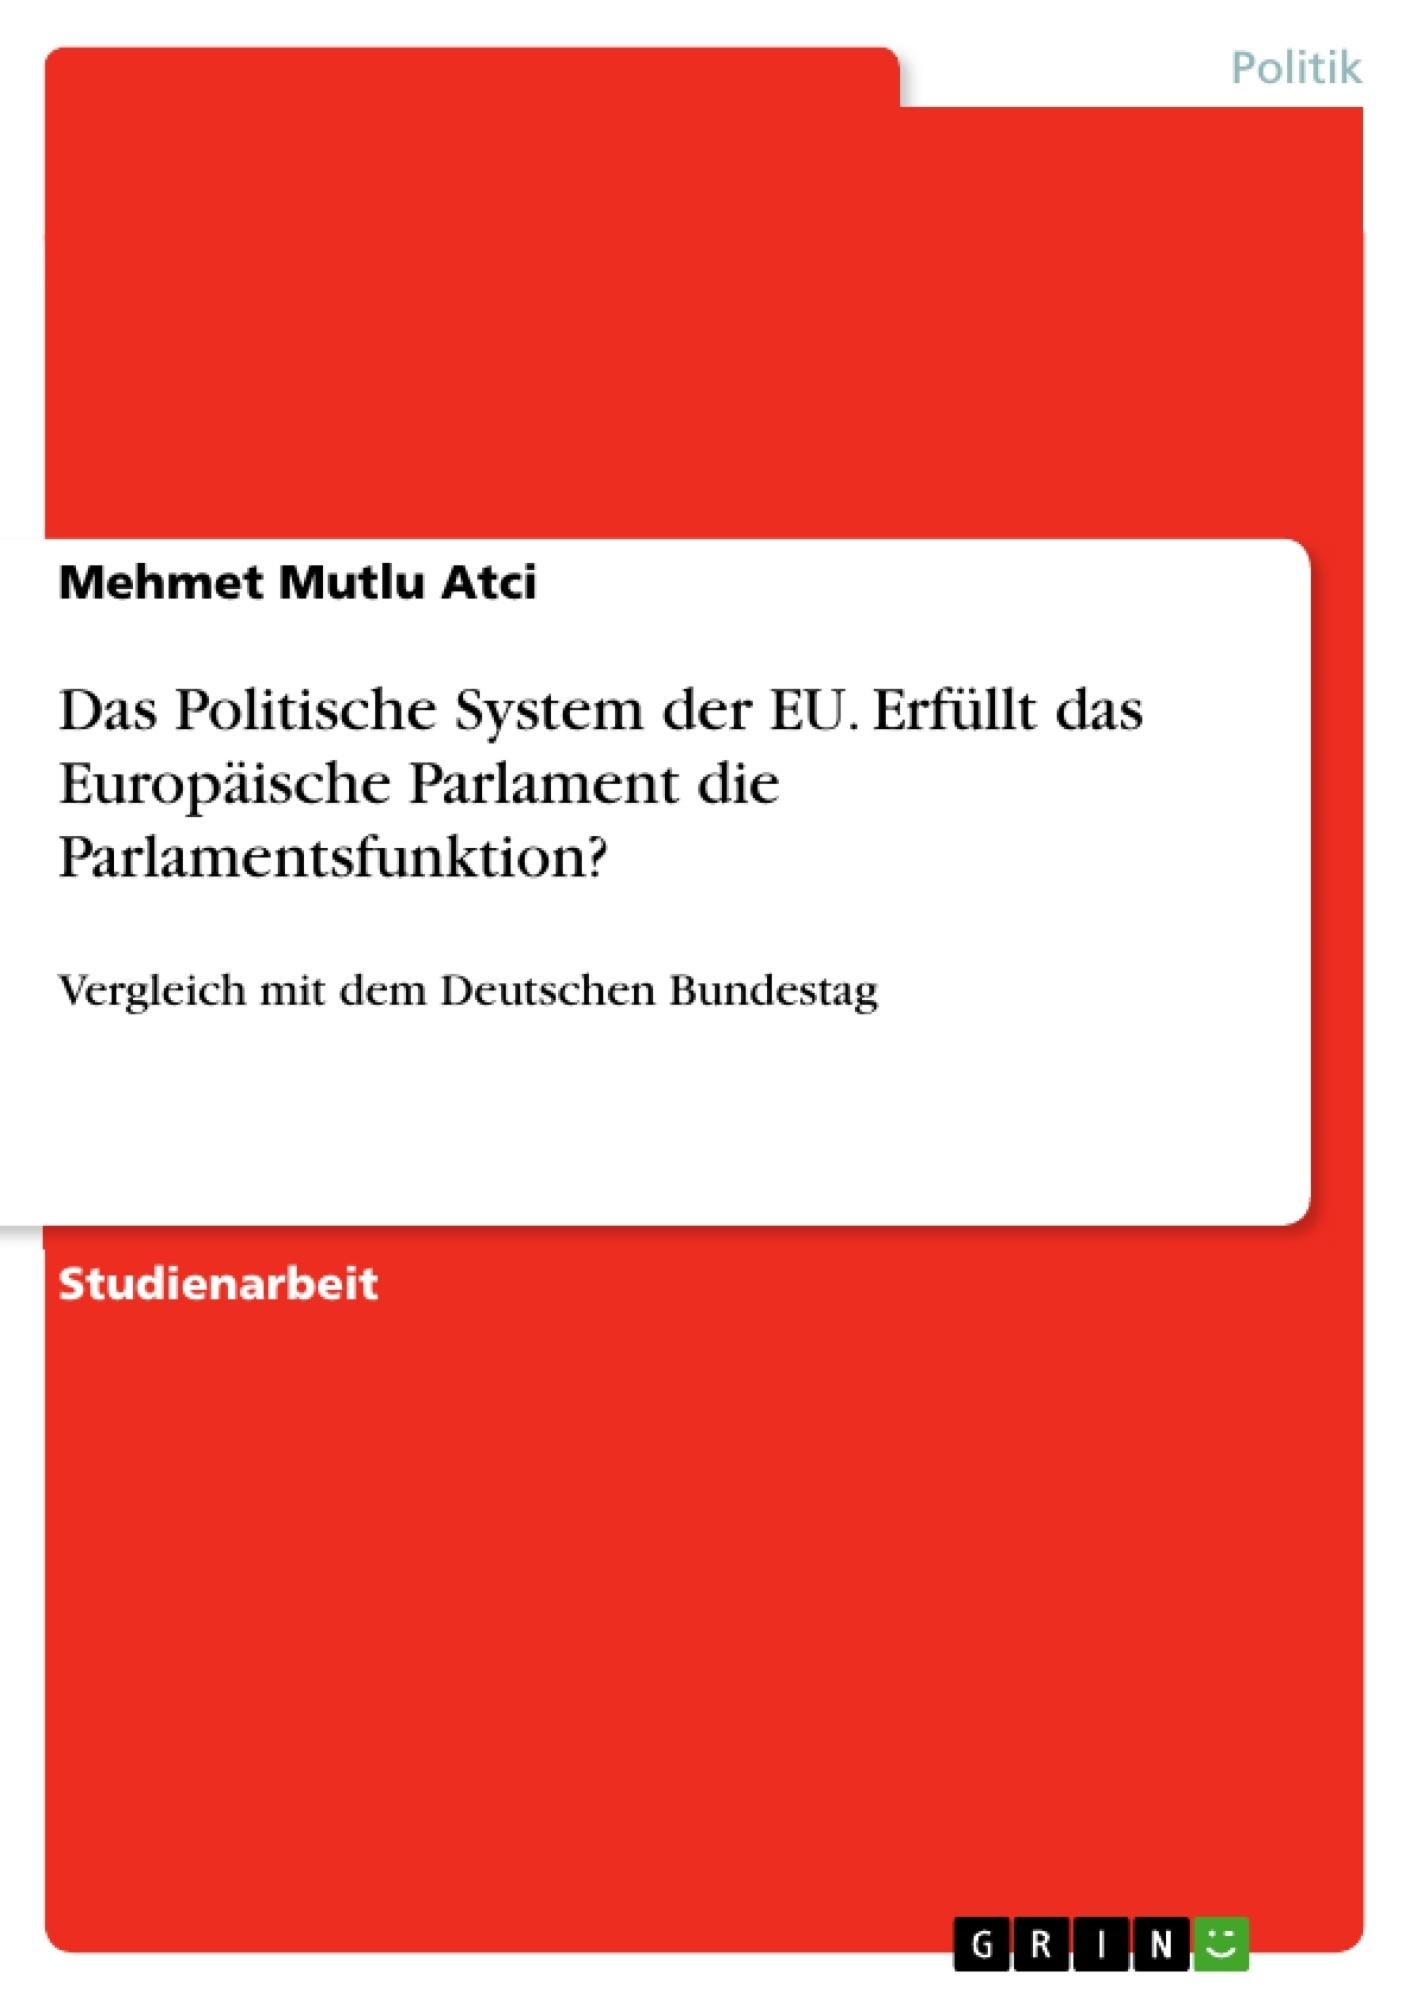 Titel: Das Politische System der EU. Erfüllt das Europäische Parlament die Parlamentsfunktion?